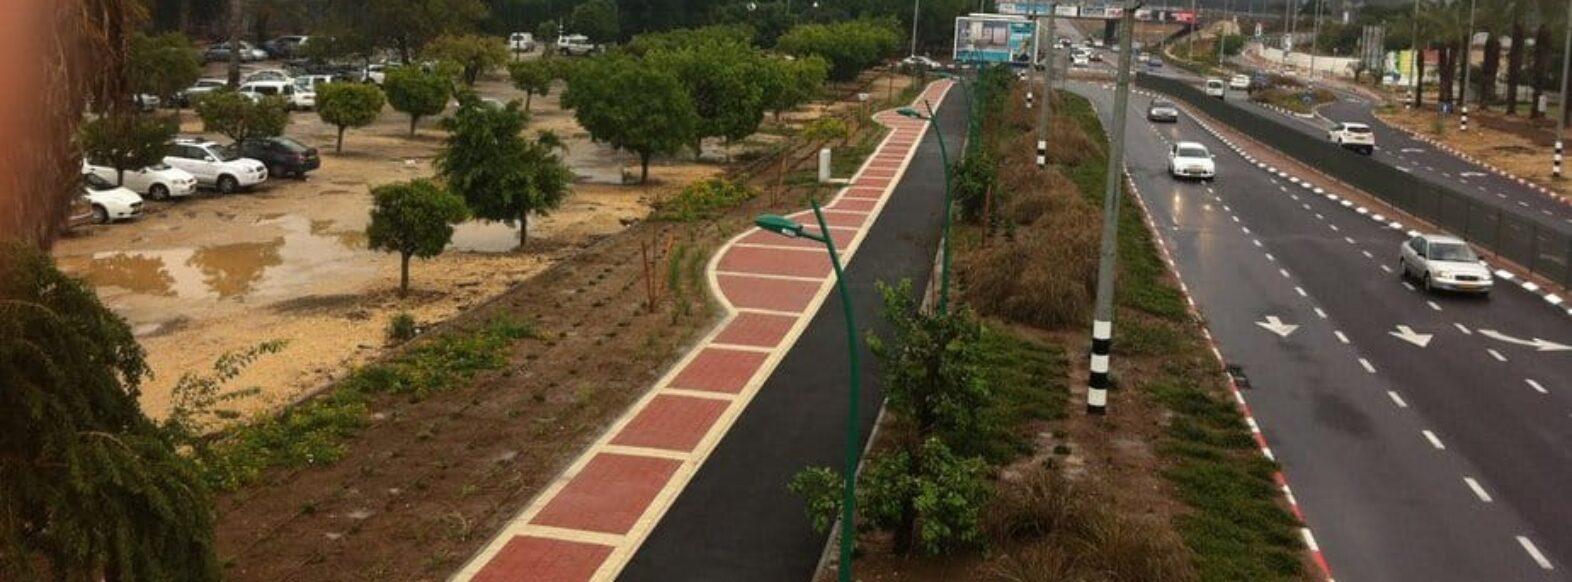 מתקן חדש וייחודי יוקם לרוכבי האופניים בסמוך לפארק אסתר בשכונת אפק בקריית ביאליק.